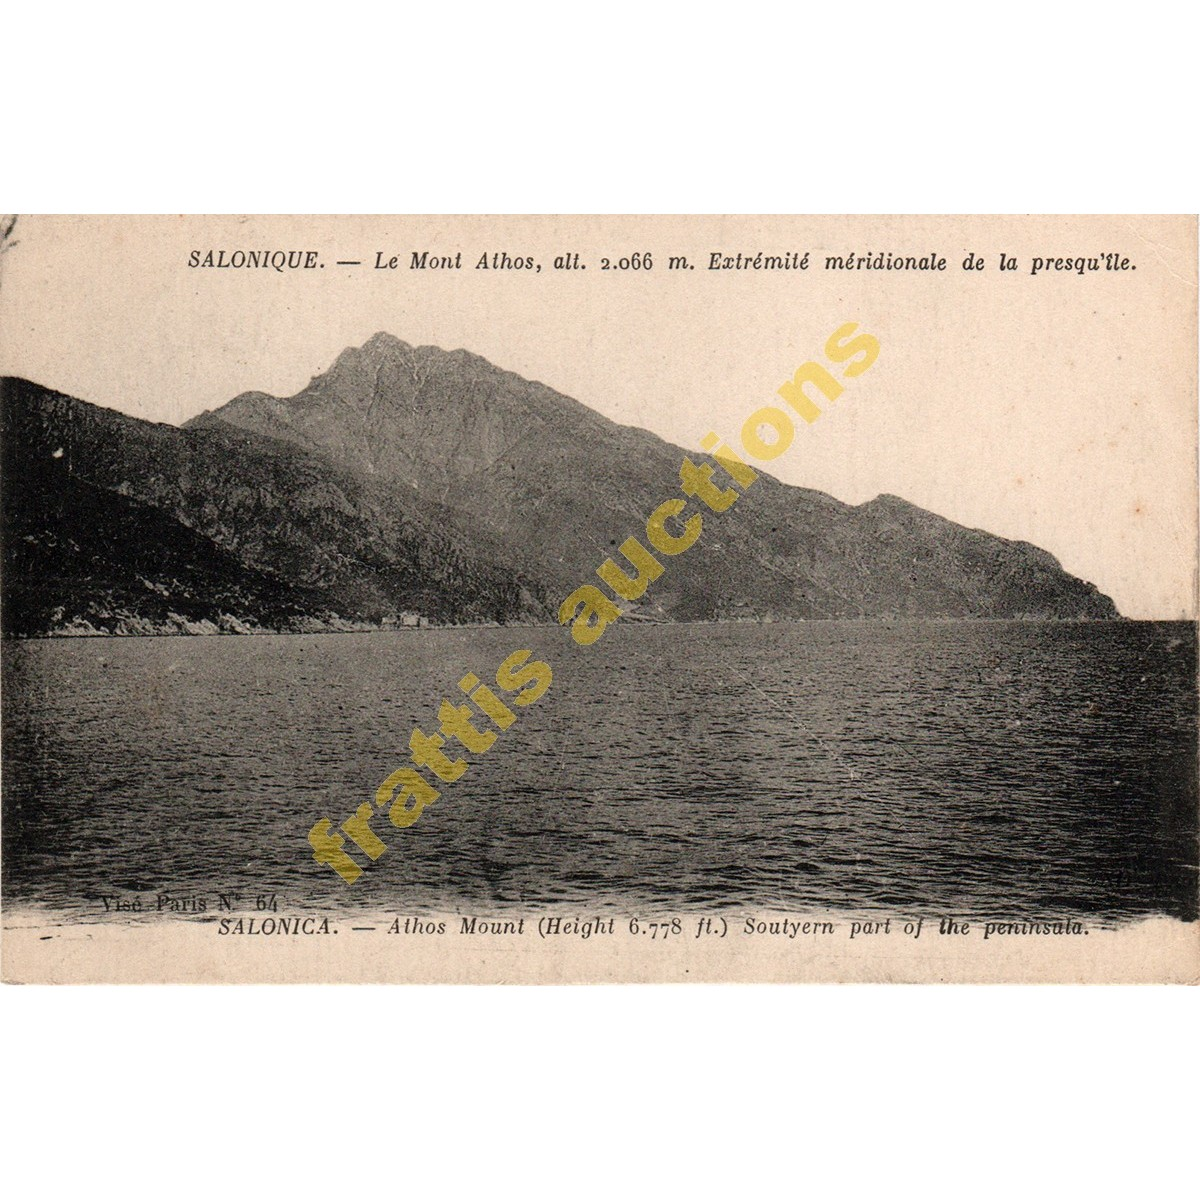 SALONIQUE - Le Mont Athos, alt. 2.066m.